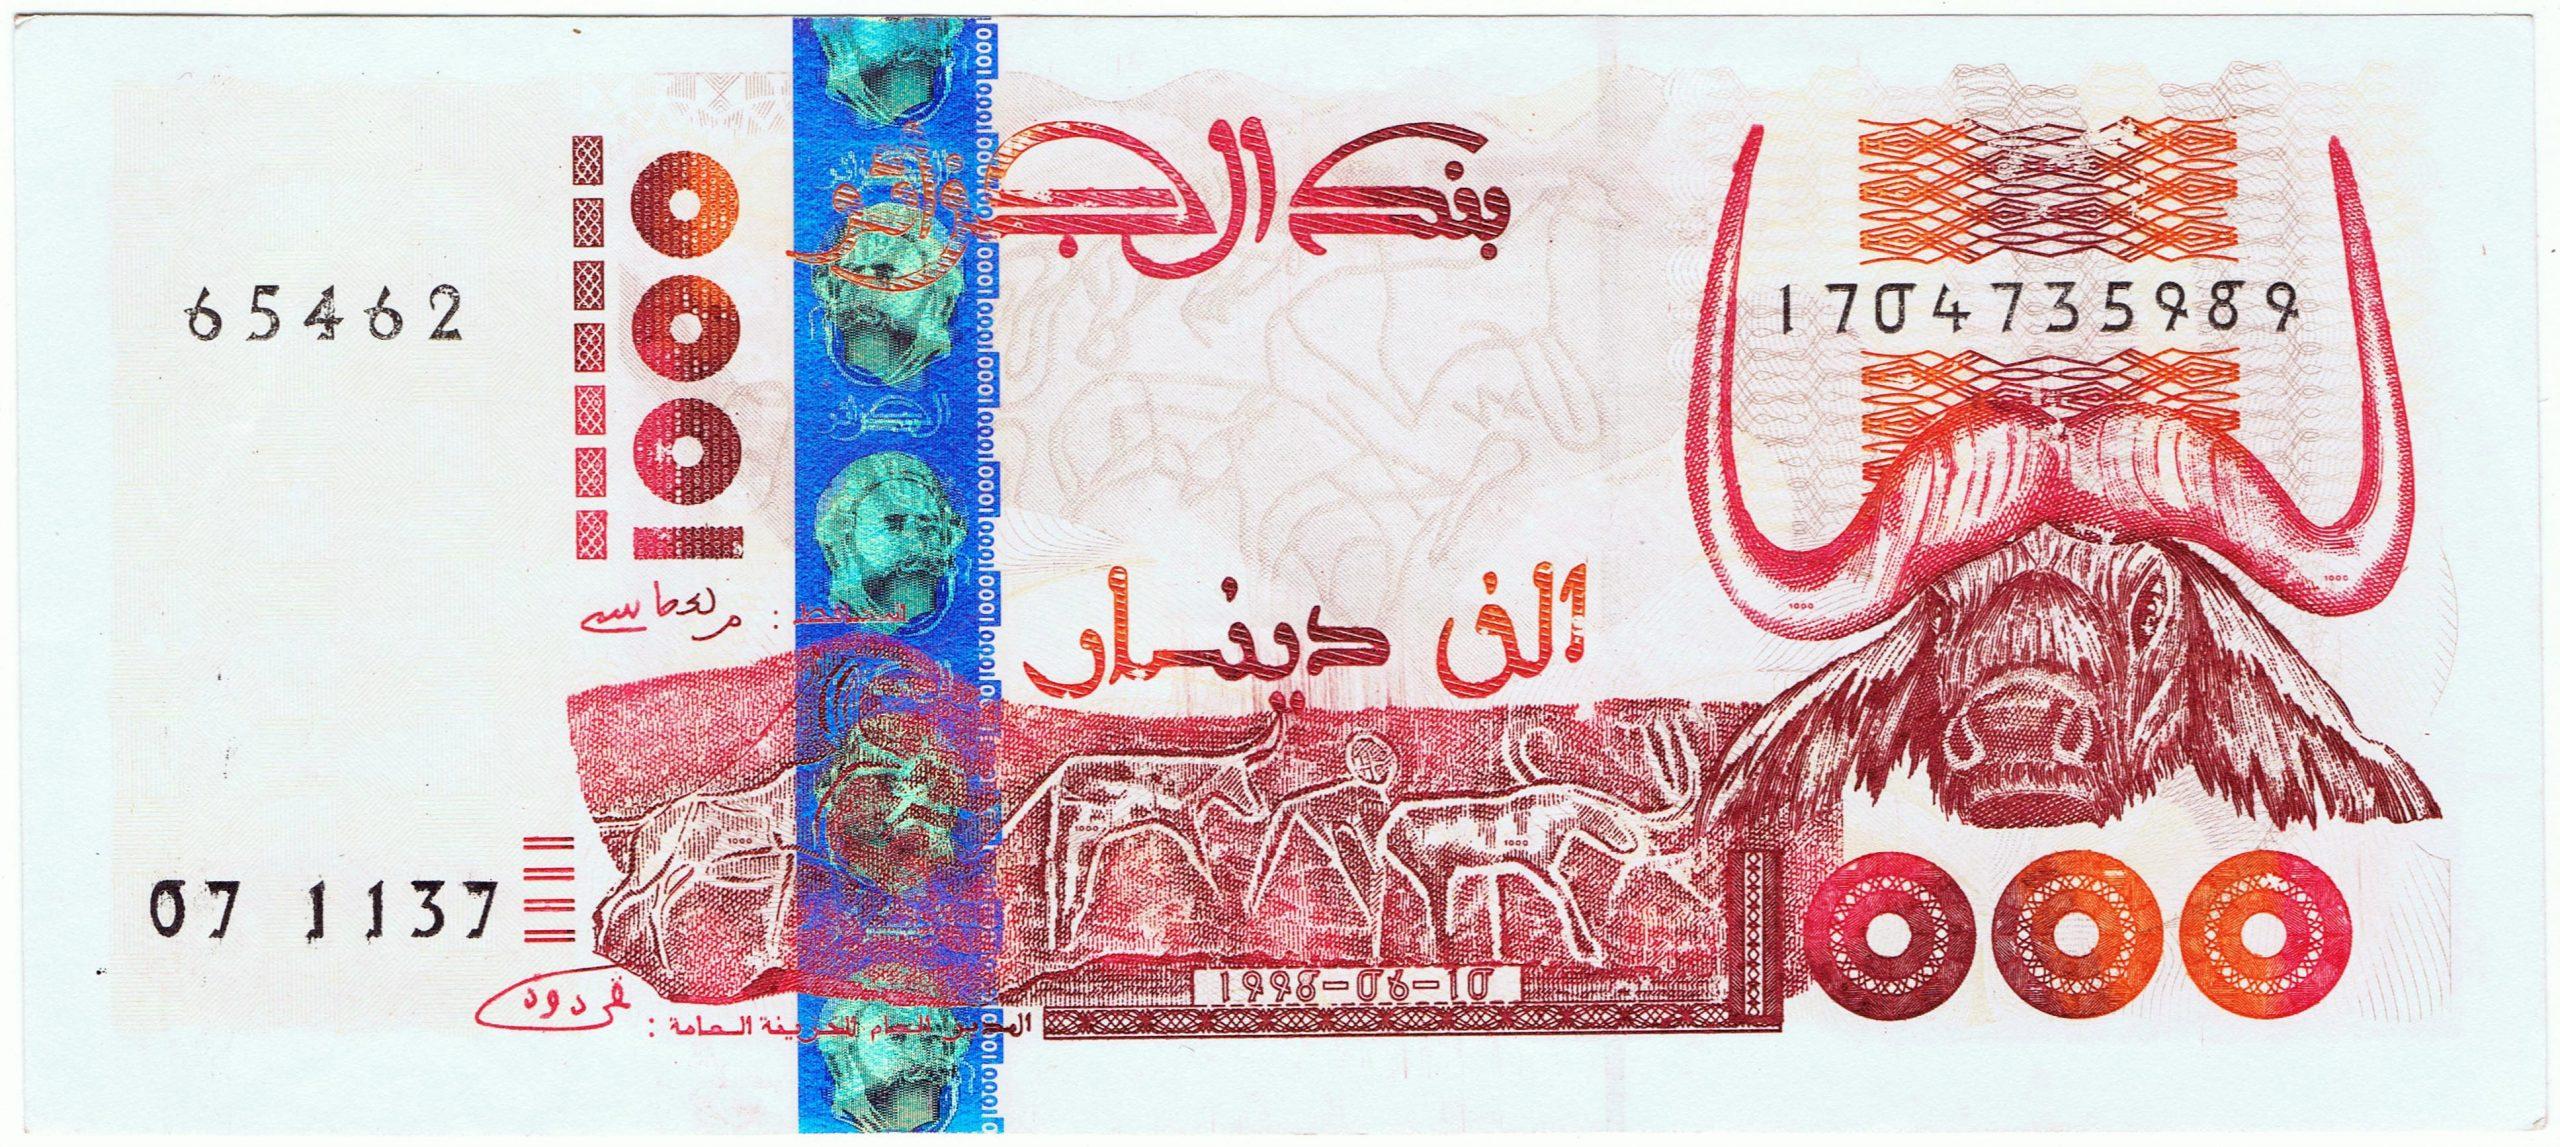 Billet De 1 000 Dinars Algériens — Wikipédia encequiconcerne Billet De 5 Euros À Imprimer